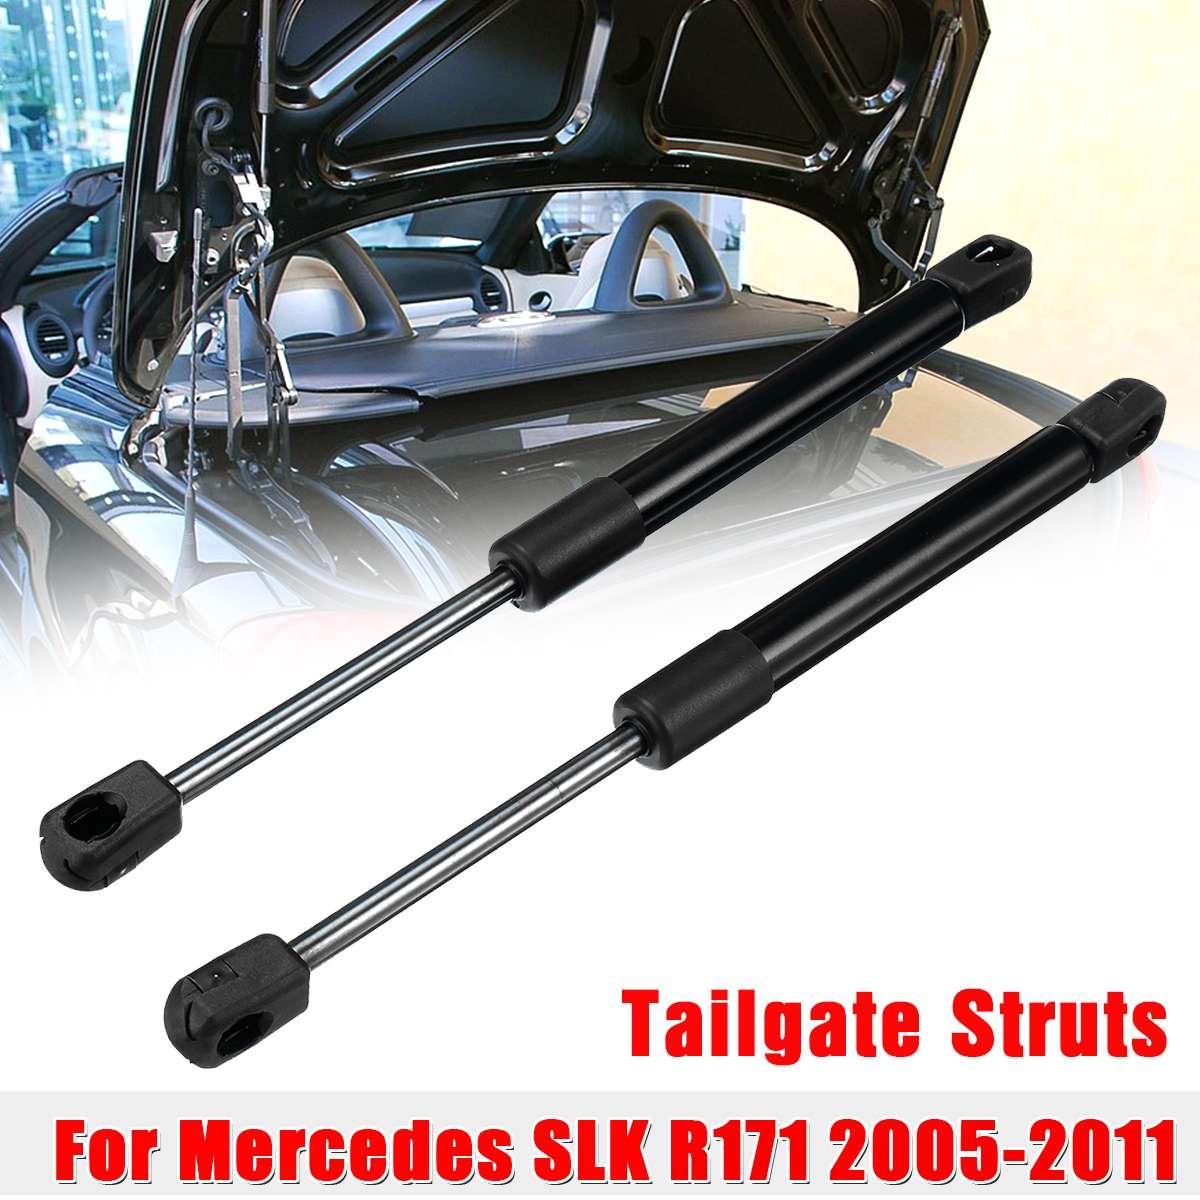 2X Kofferbak Achterklep Boot Gasveer Shock Lift Strut Stutten Ondersteuning Bar 1717500036 Voor Mercedes Benz Slk R171 2005-2011